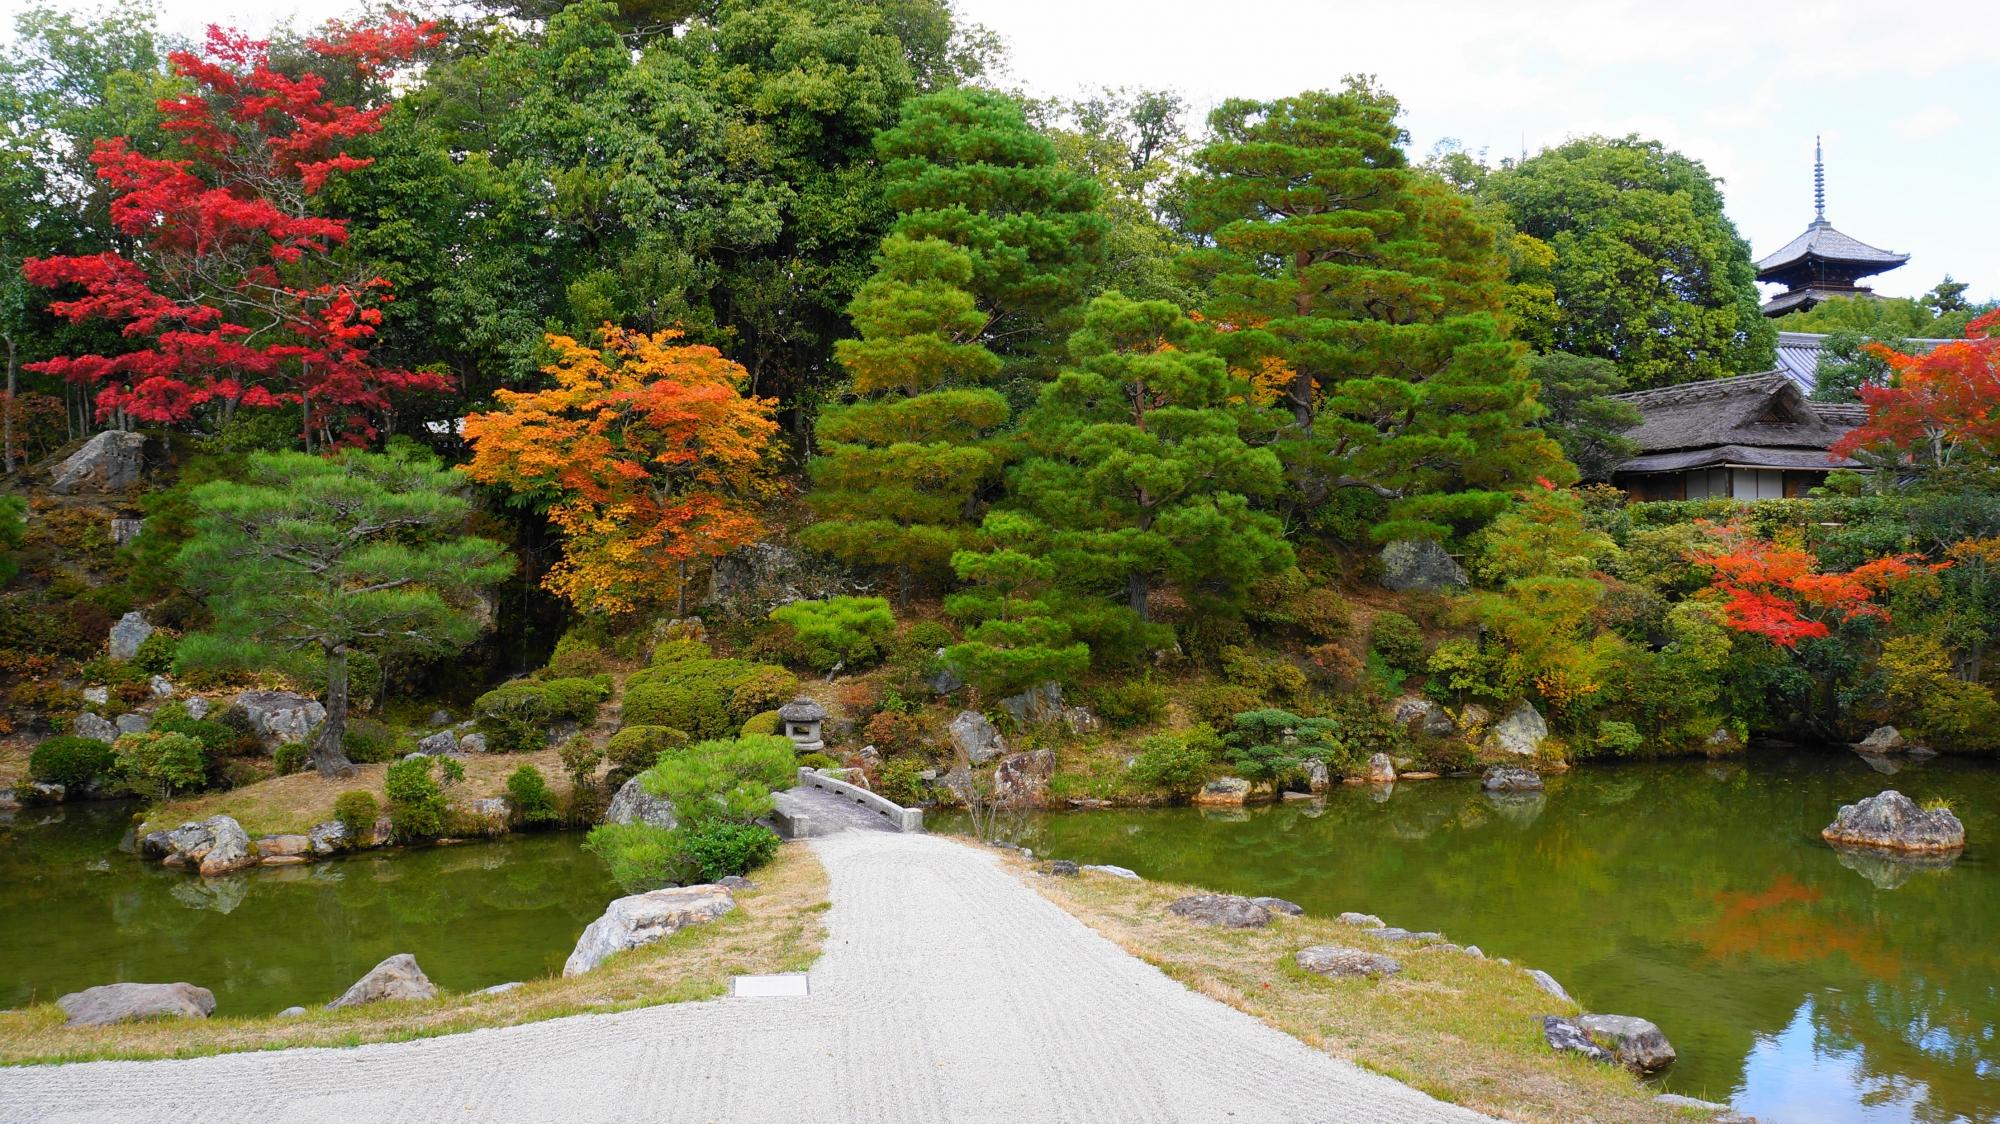 常緑の木々も立派で綺麗な仁和寺の御殿庭園